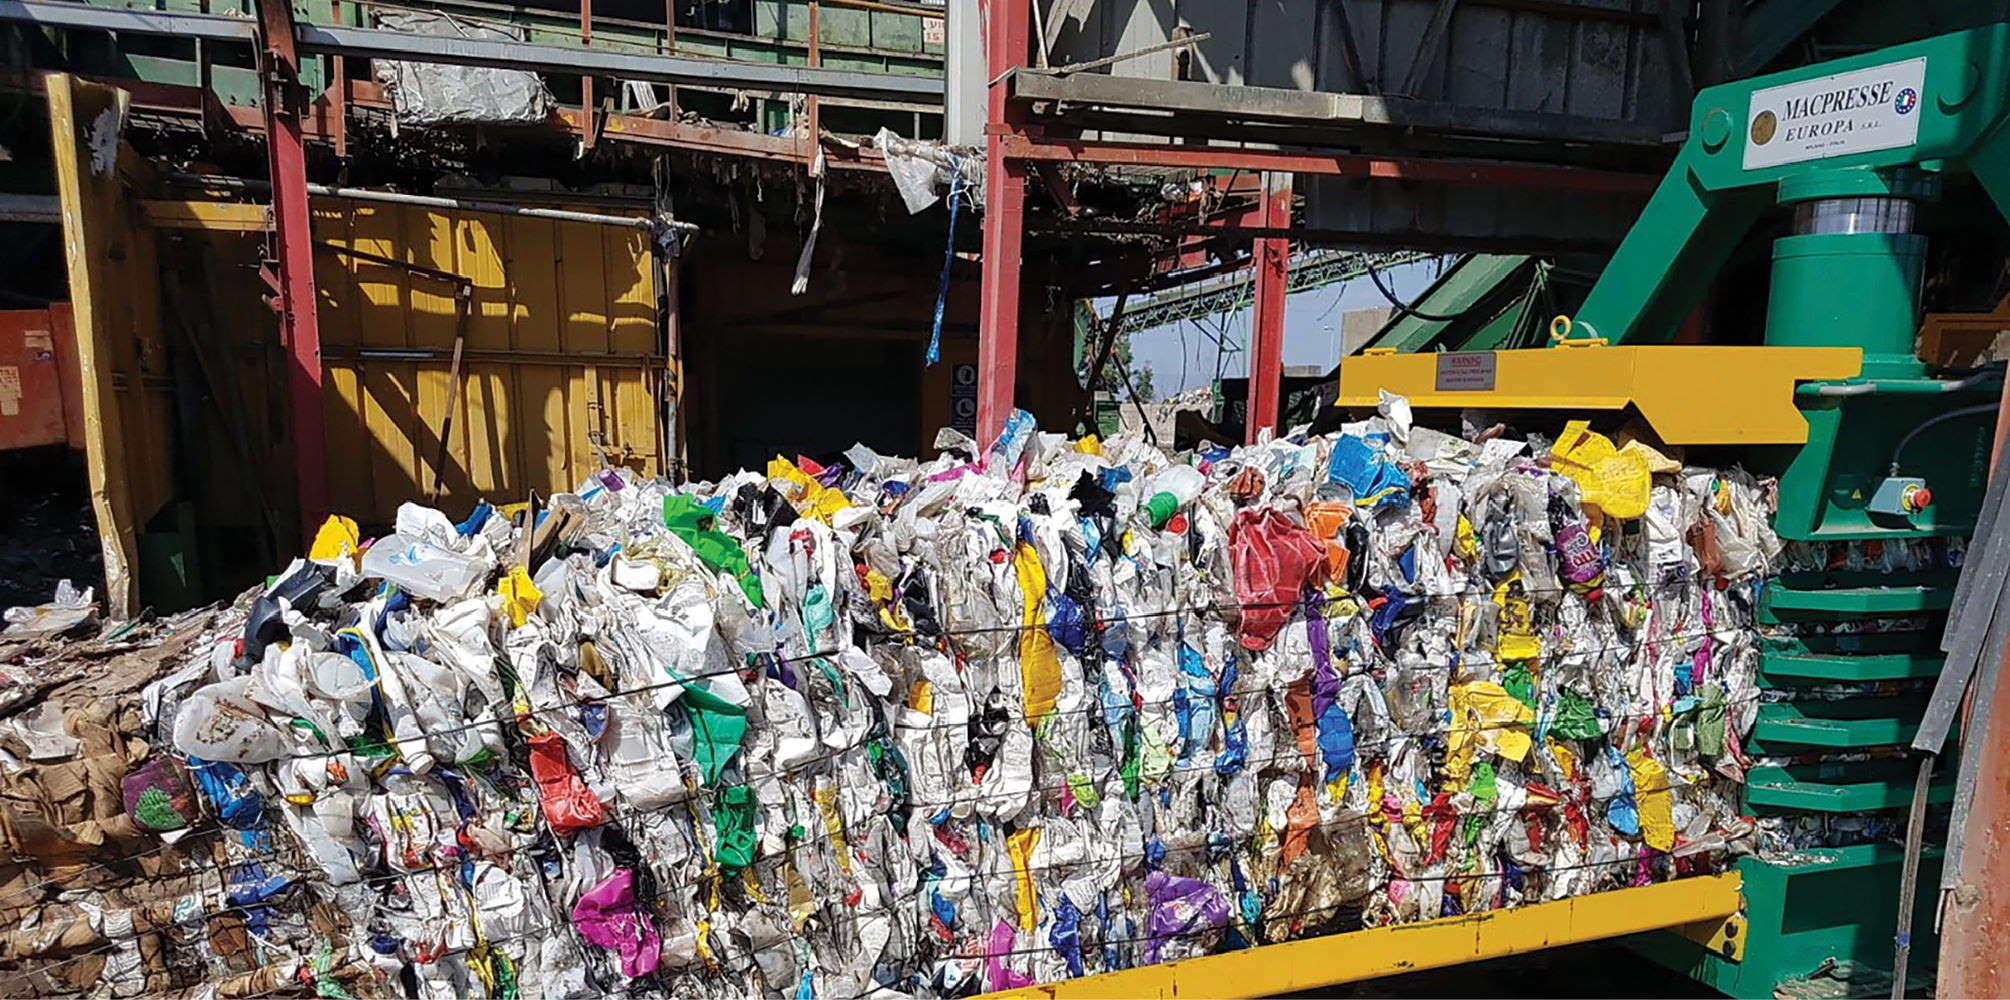 שימוש בפיתוחים טכנולוגיים במִחזור פסולת אריזות